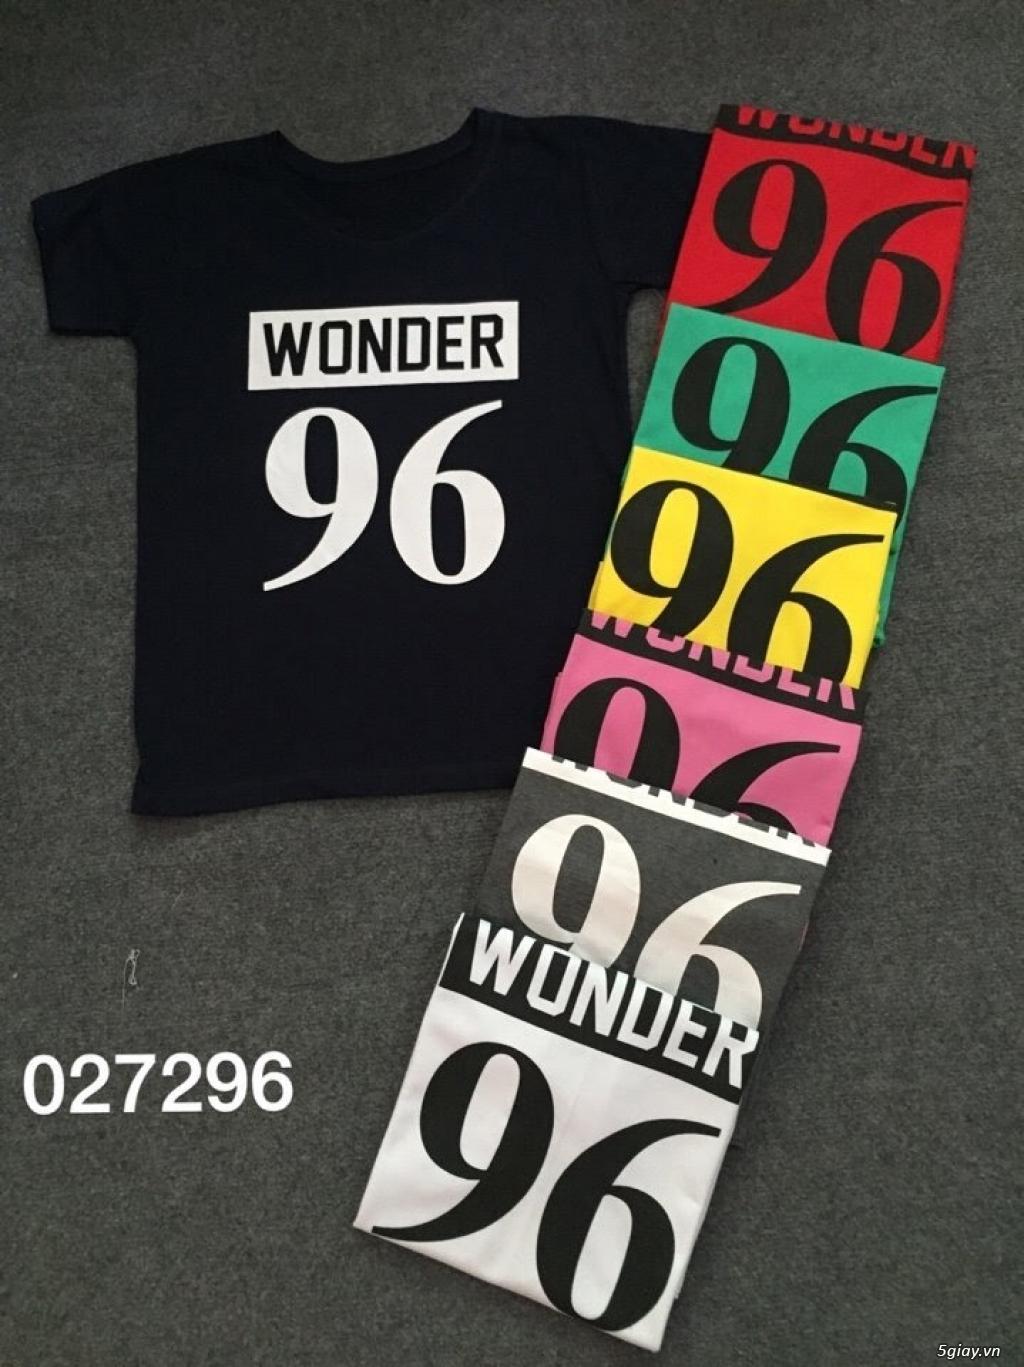 Bỏ sỉ áo thun mẹ & bé 10k - 15k - 20k giá rẻ, chất lượng tốt nhất  !!! - 13